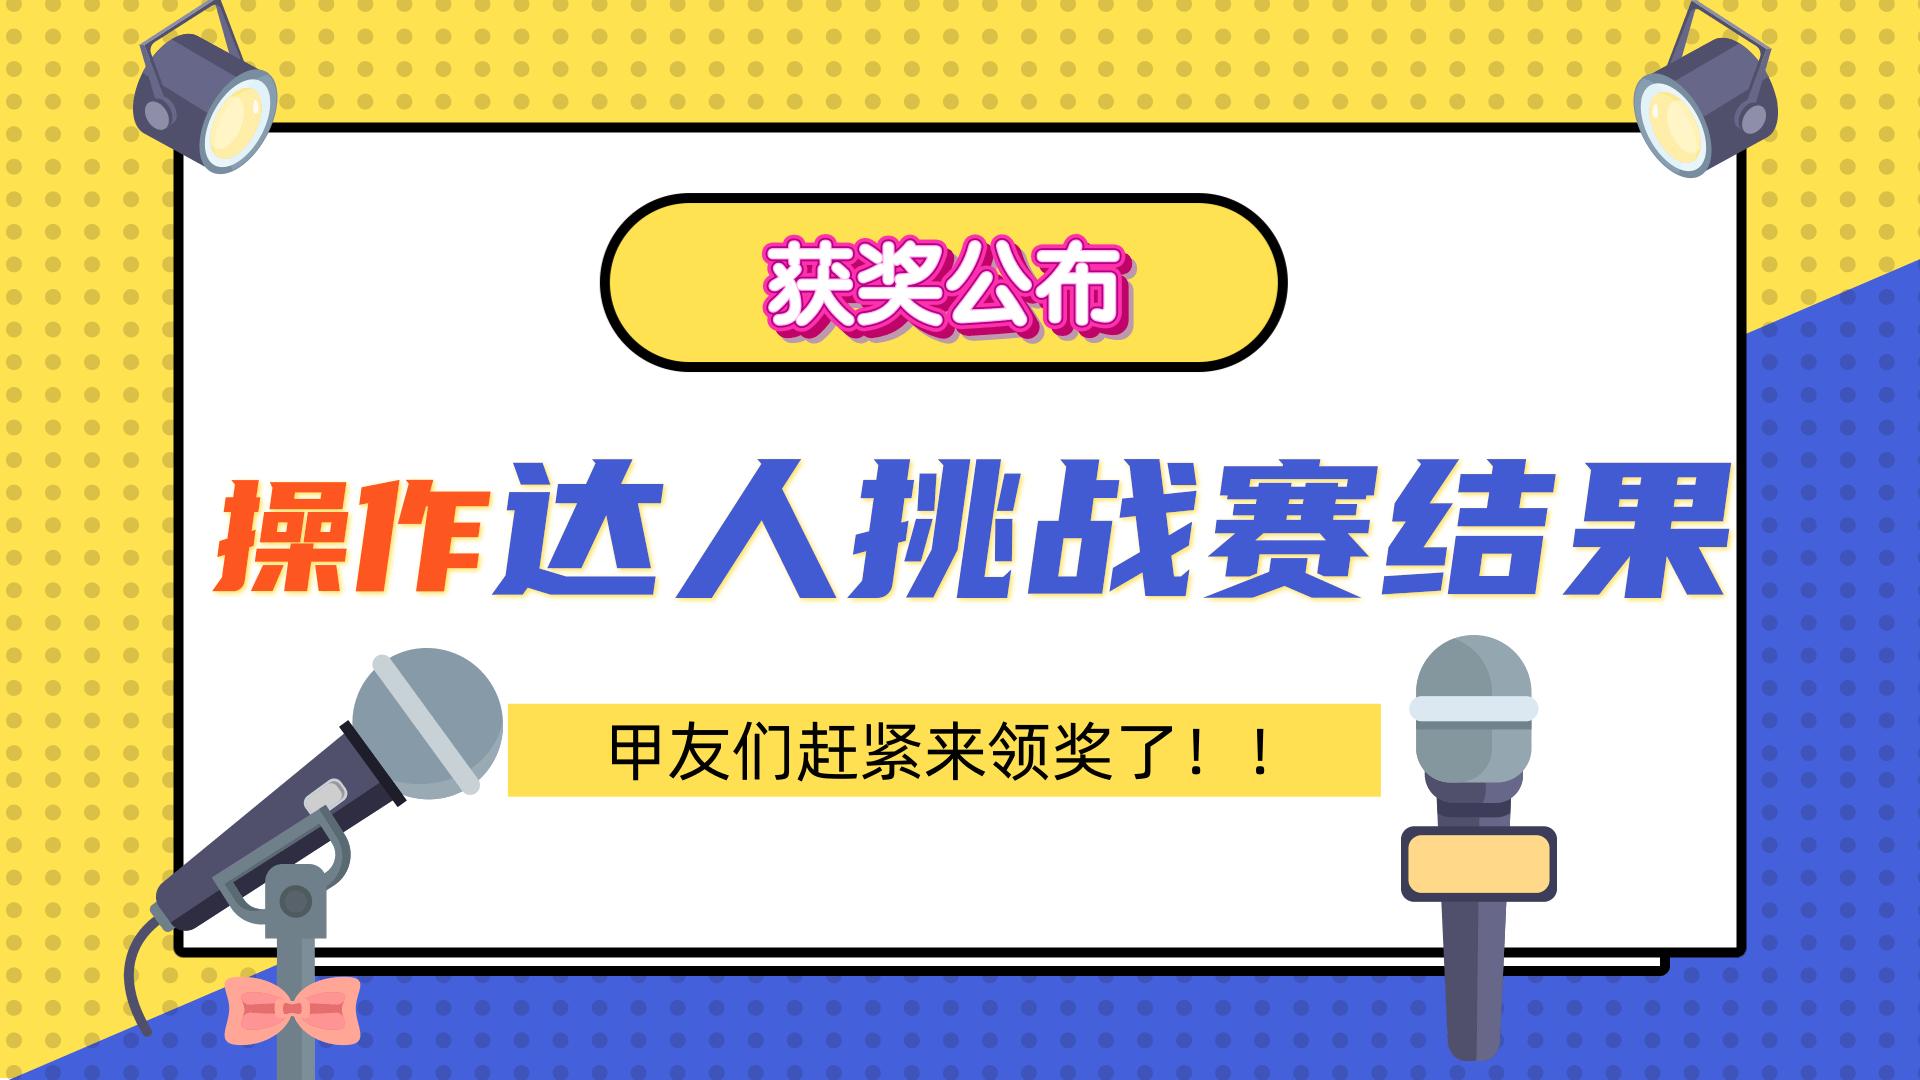 【获奖公布】操作达人挑战赛,大奖花落谁家?